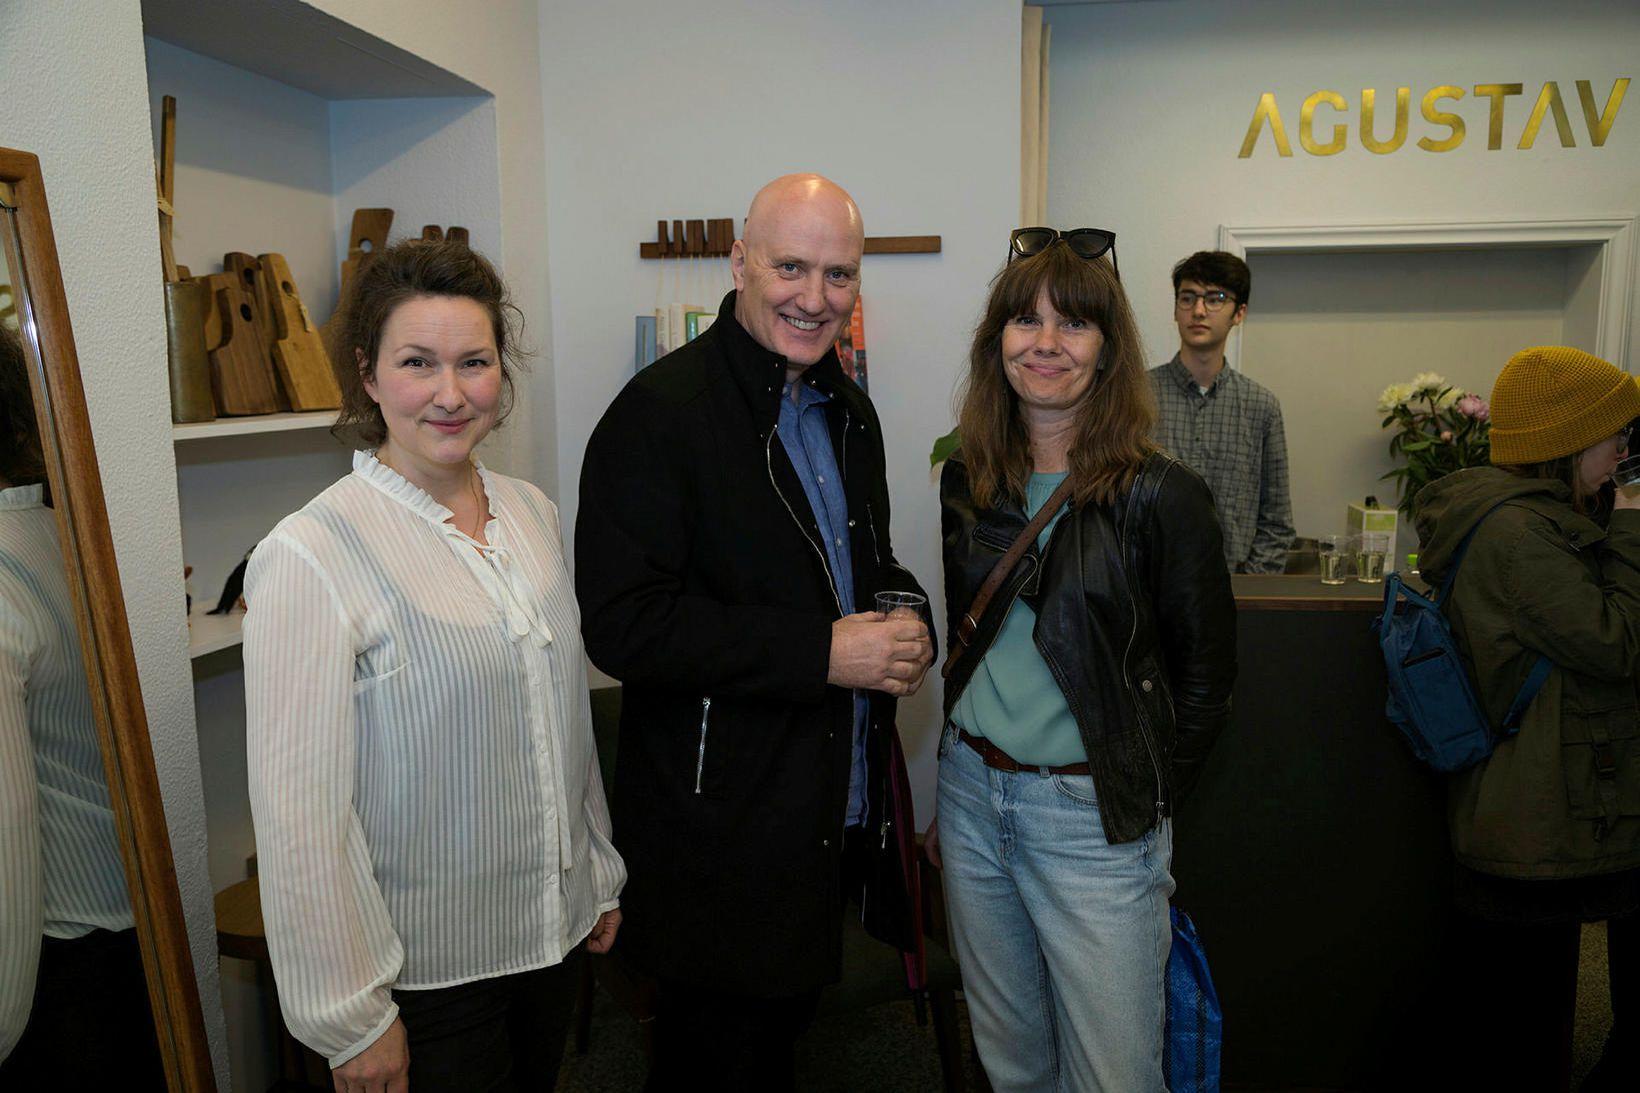 Ágústa Magnúsdóttir, Sindri Gunnarsson og Sara Jónsdóttir.